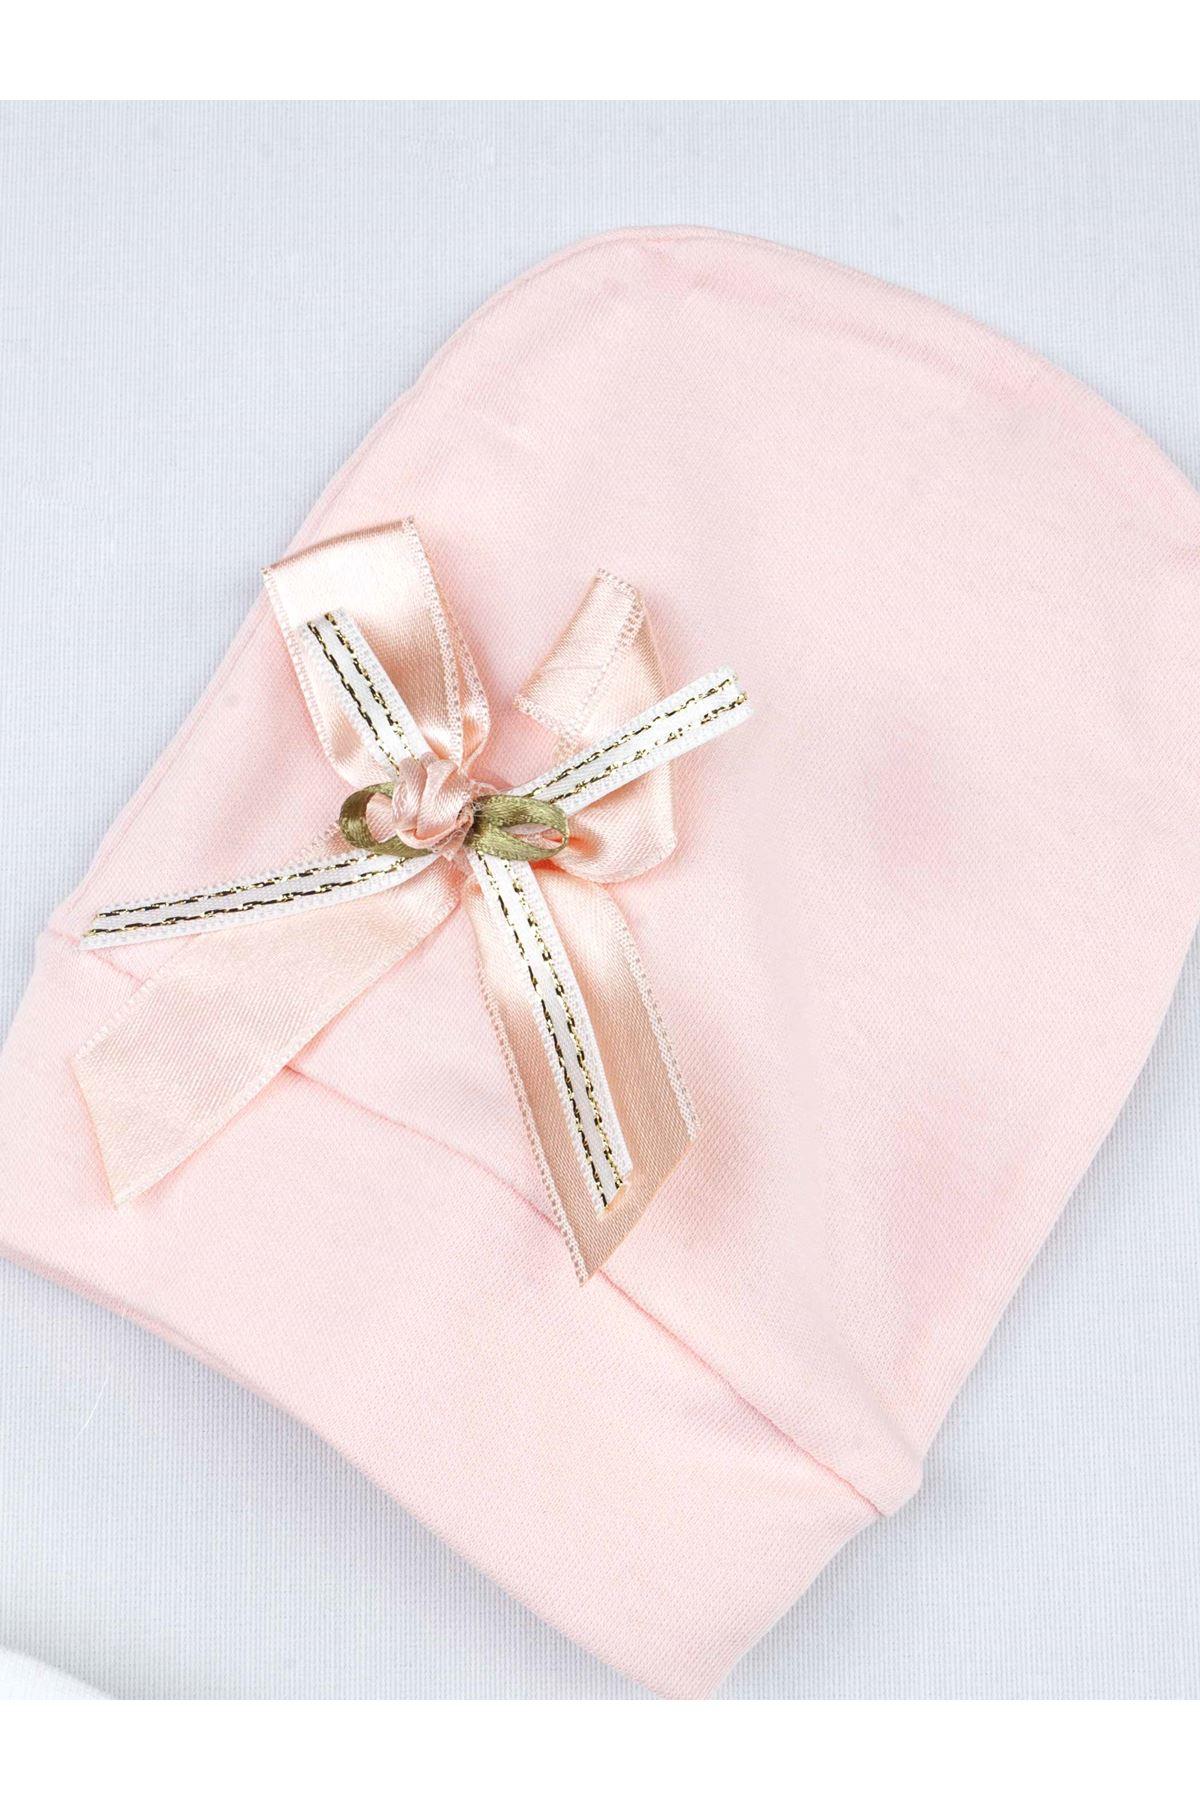 Pudra Mevsimlik Kız Bebek Şapkalı Tulum